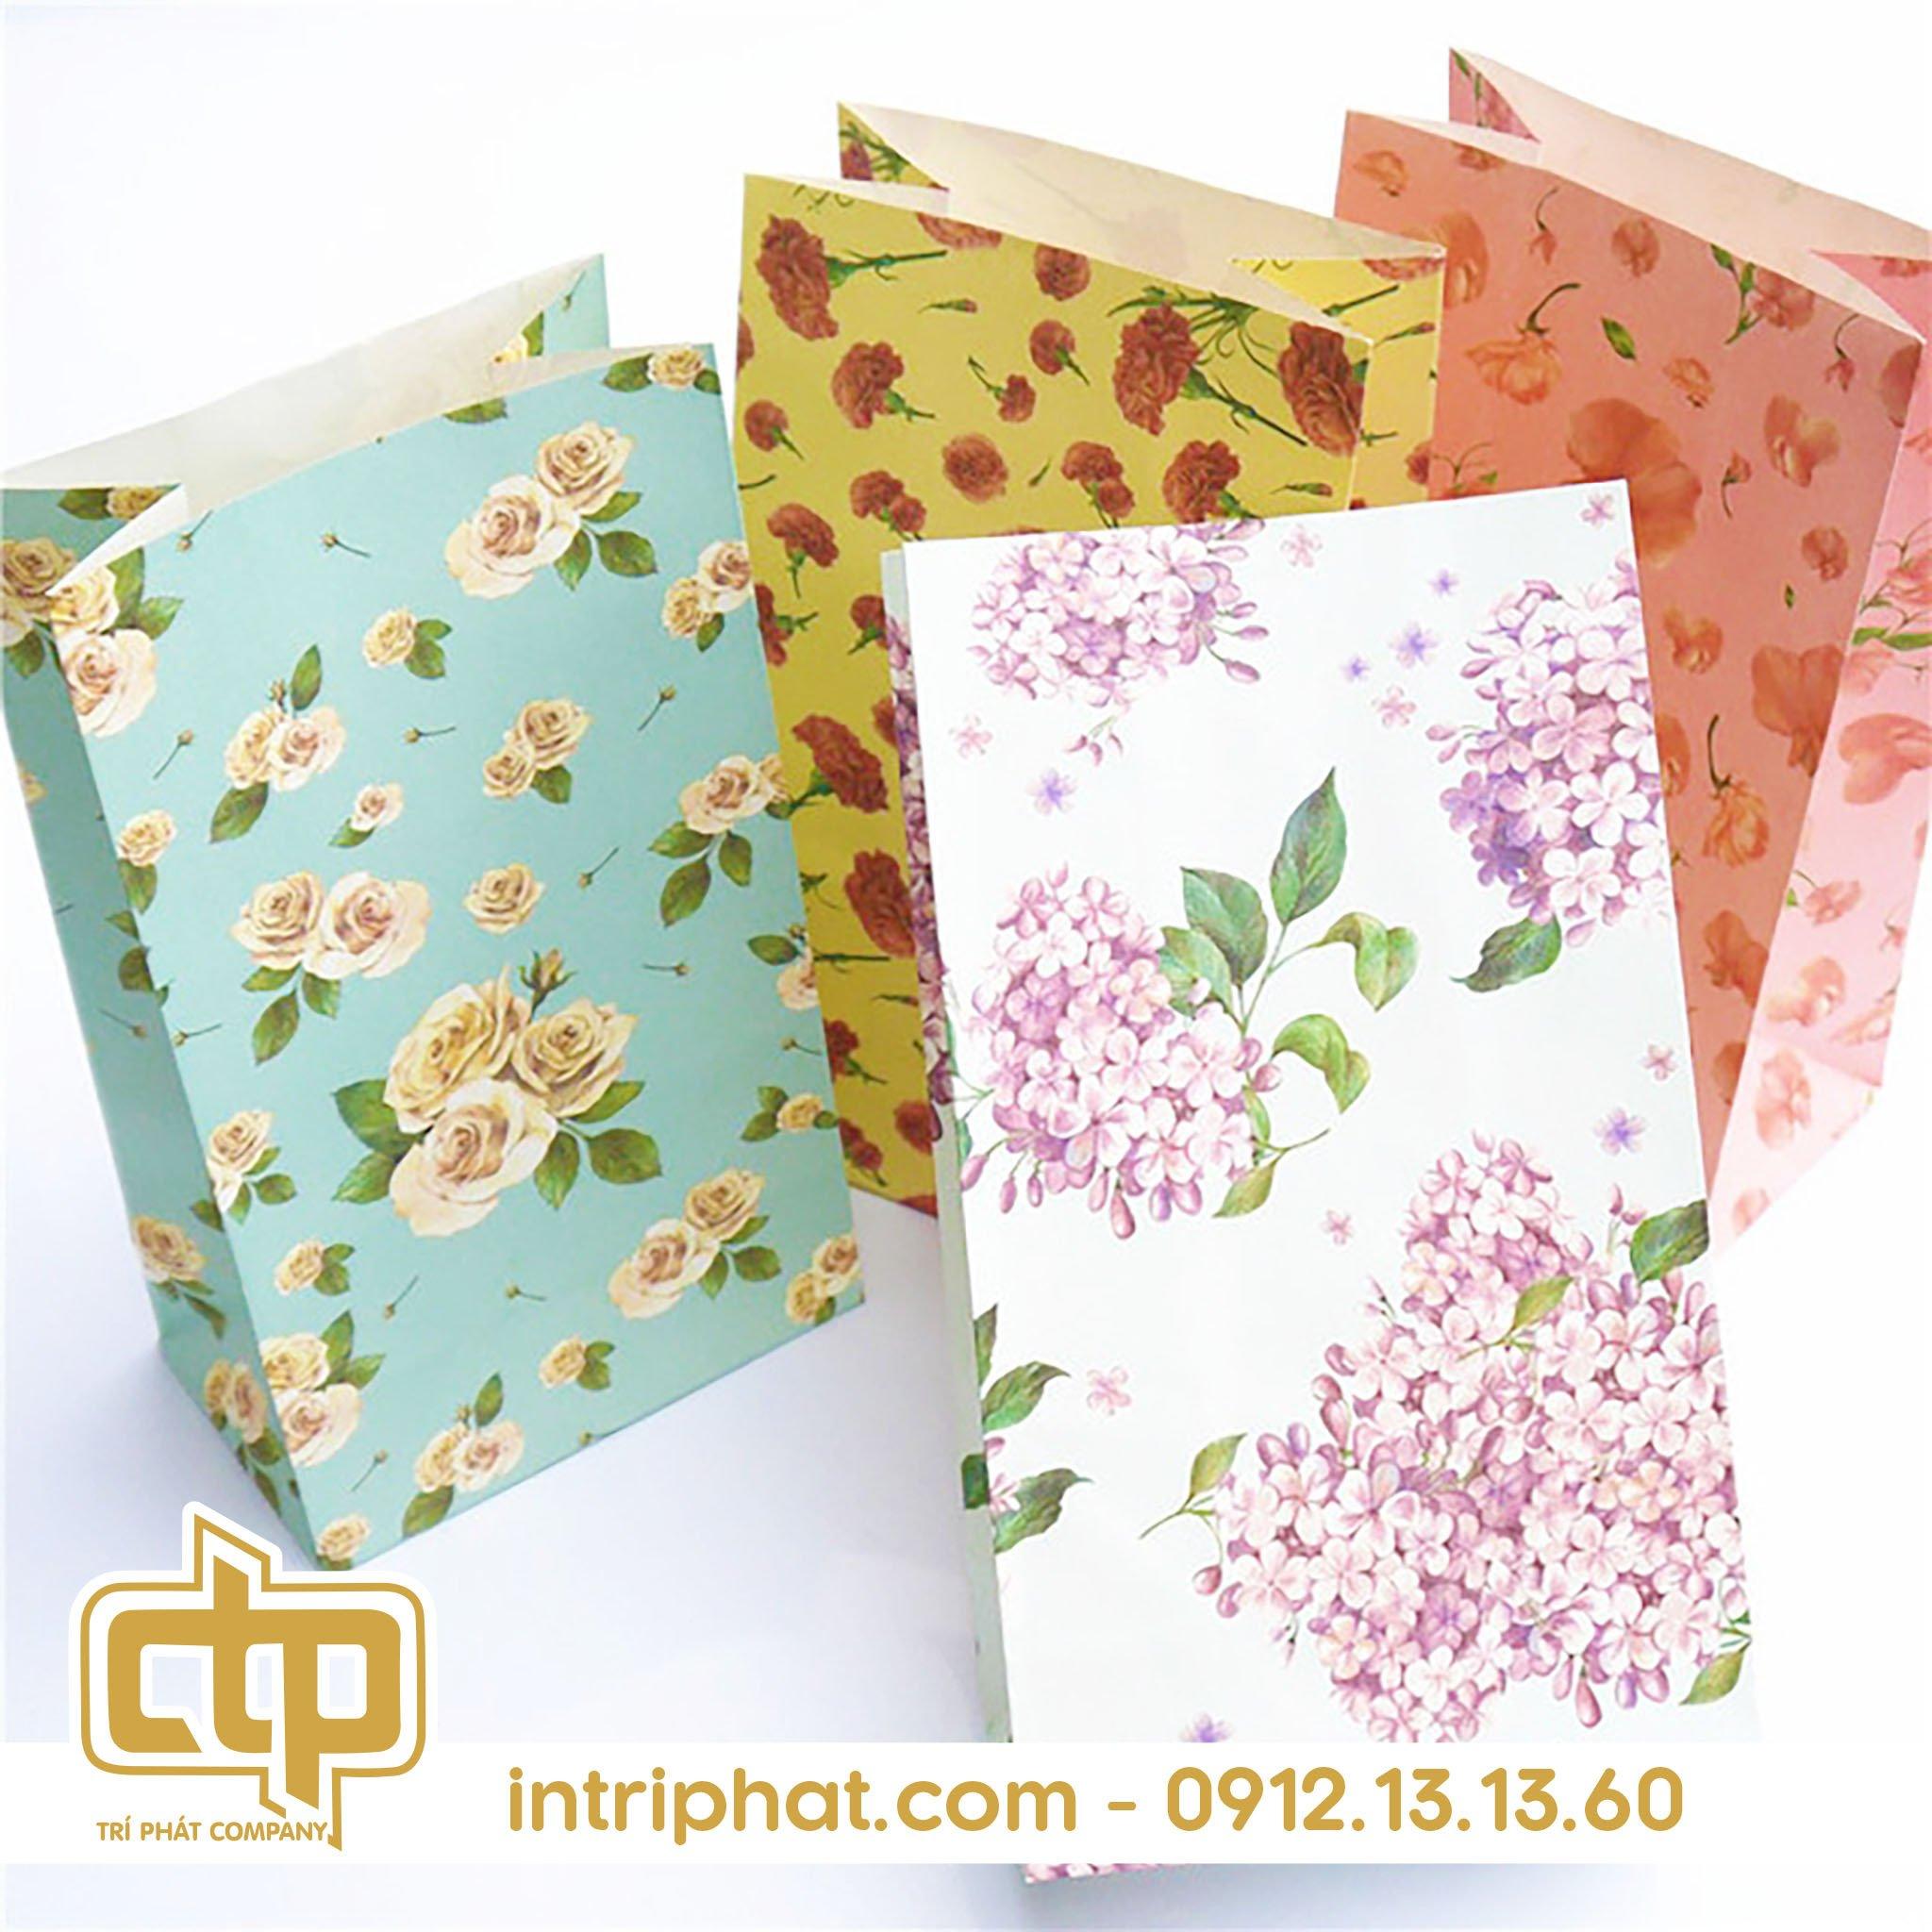 túi giấy chất lượng đựng sản phẩm